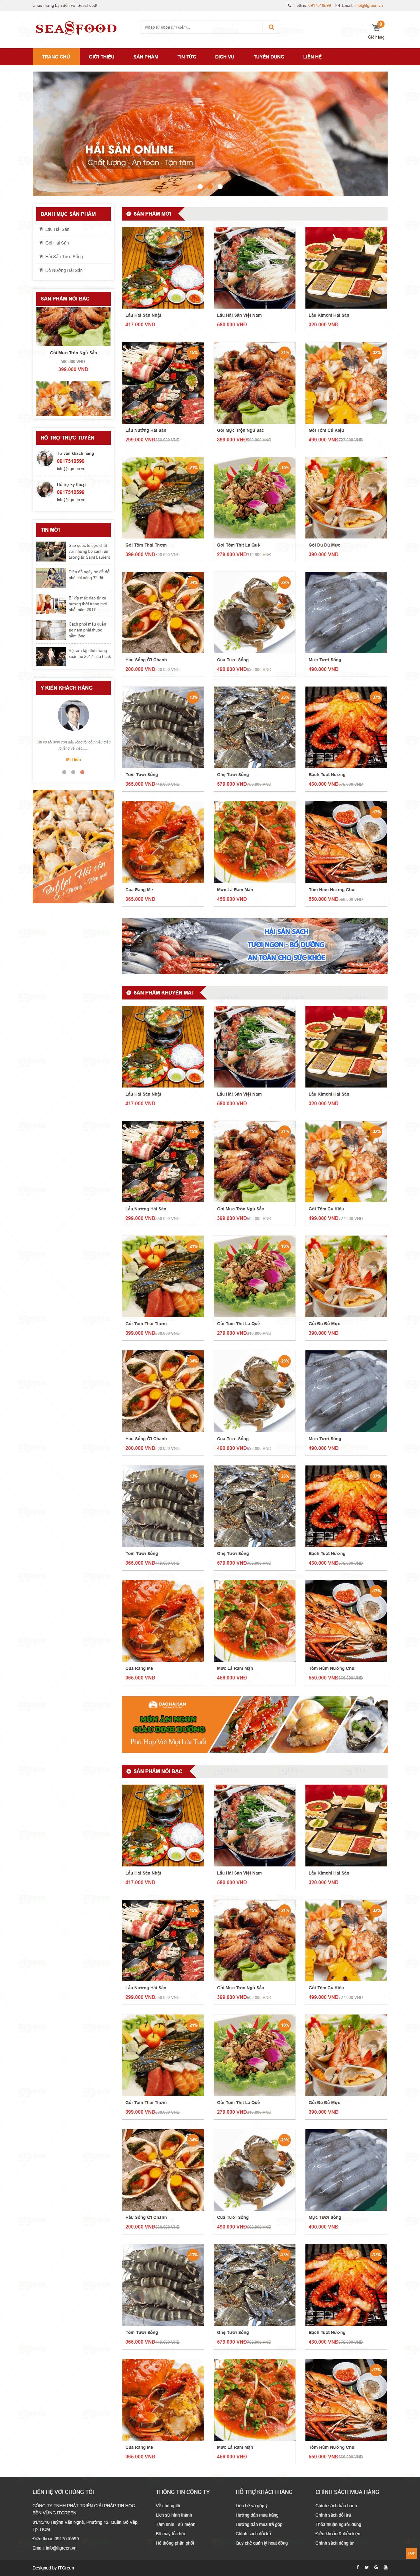 Thiết kế website Thiết kế website nhà hàng, khách sạn thuc pham sea food